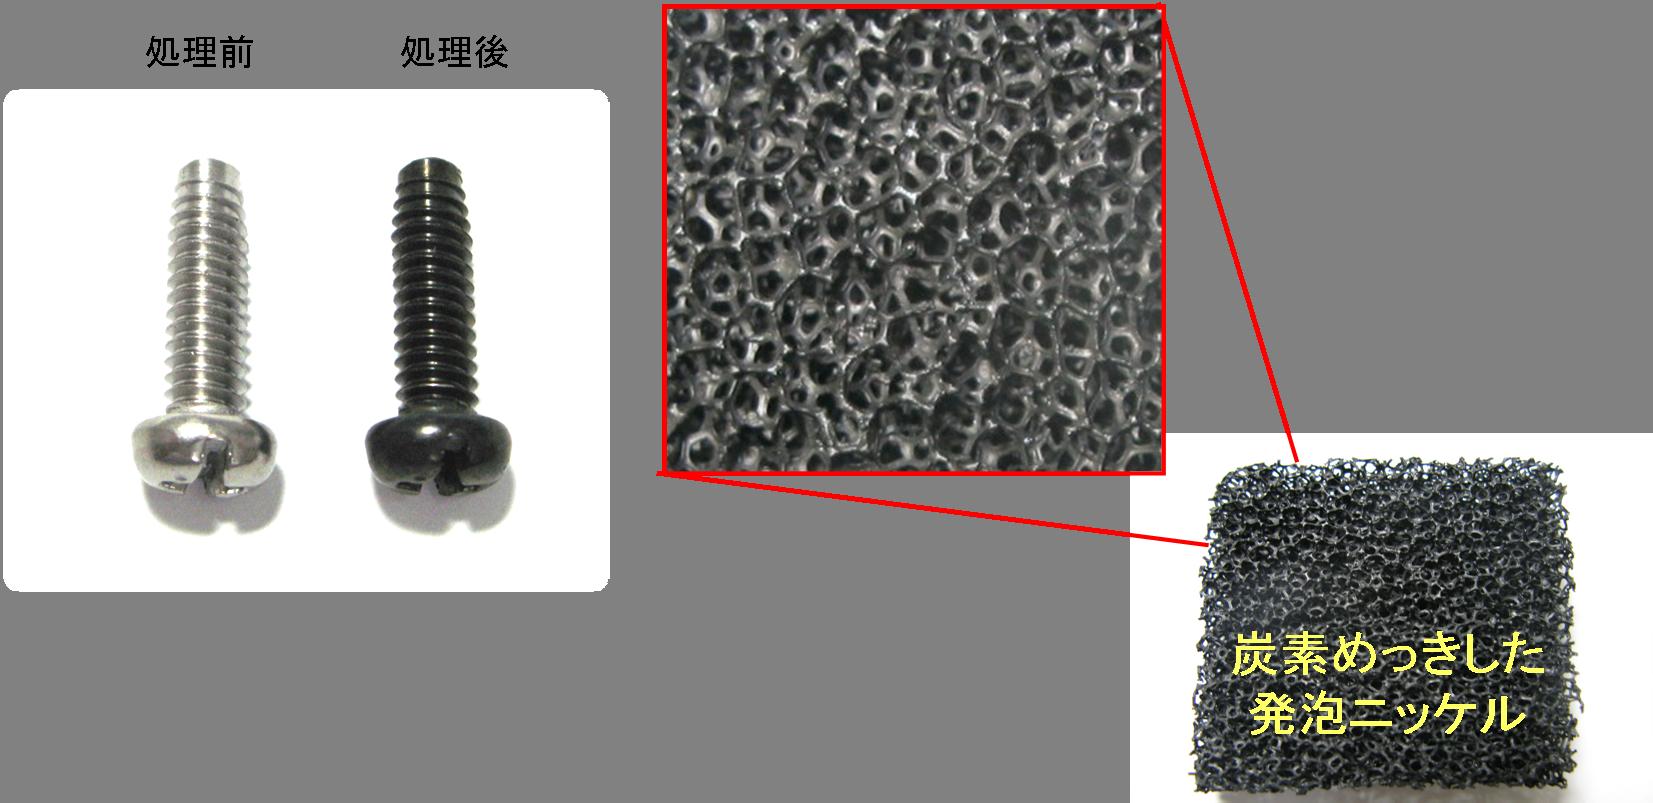 複雑形状基材にも均一に炭素めっき